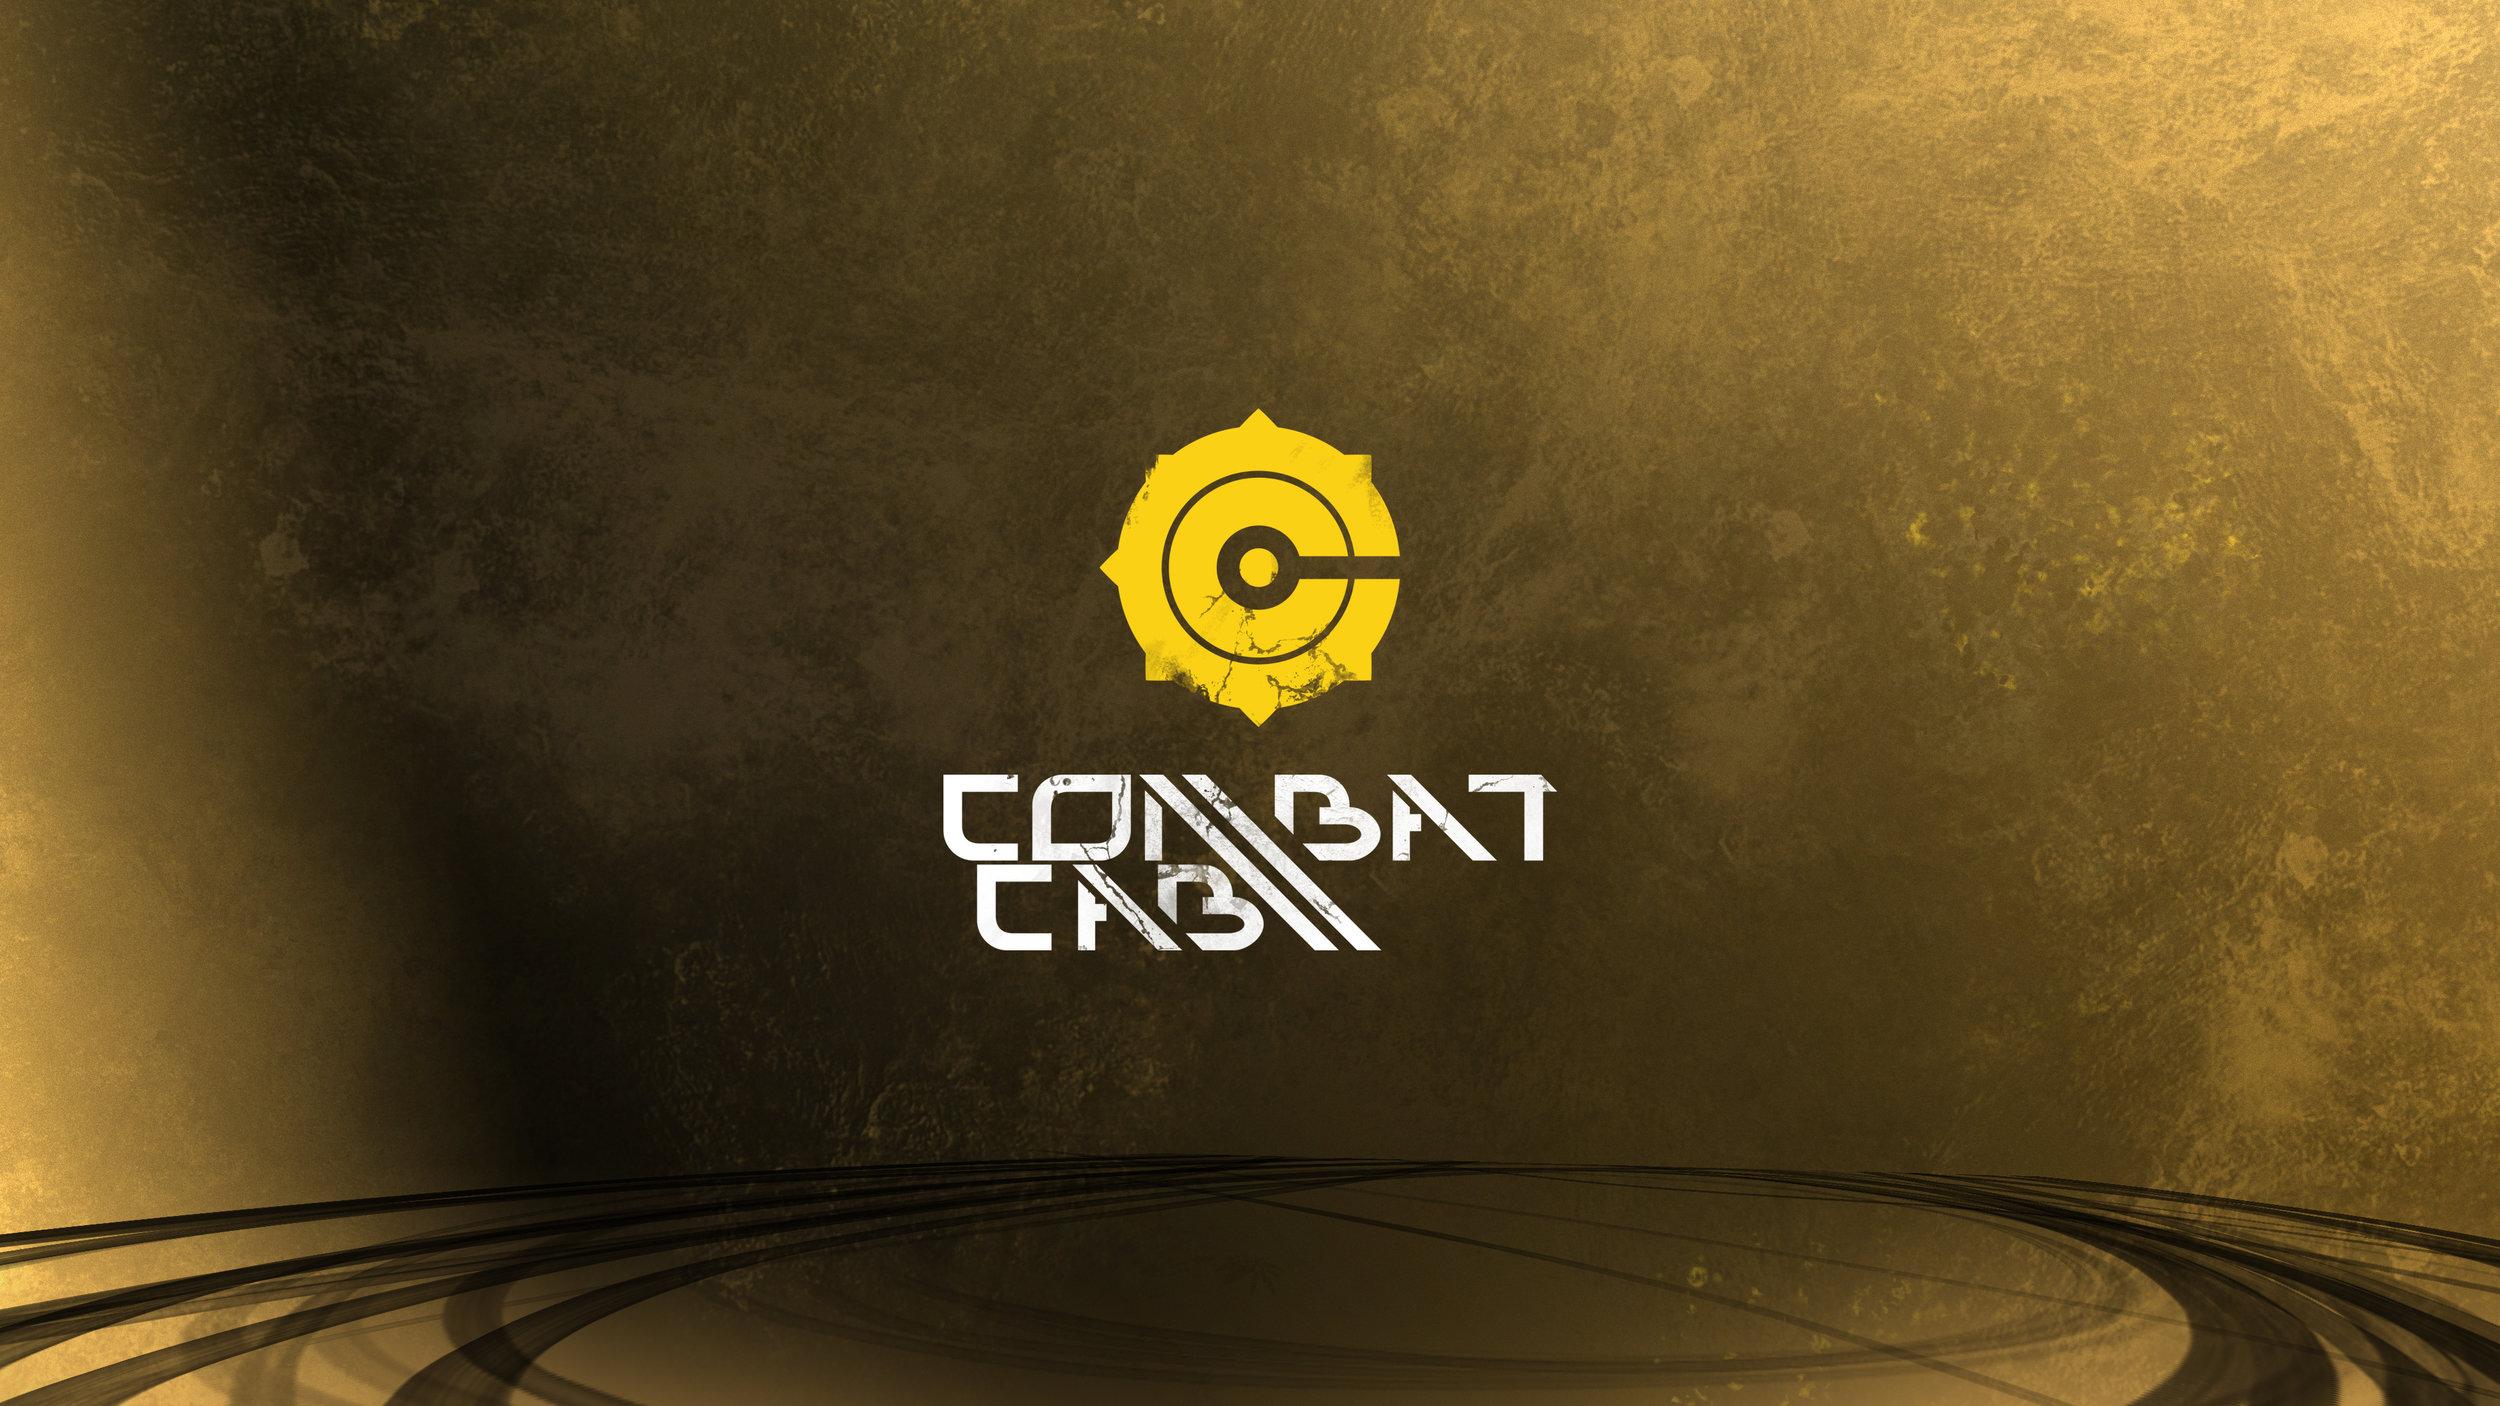 Combat Cab 4K Wallpaper